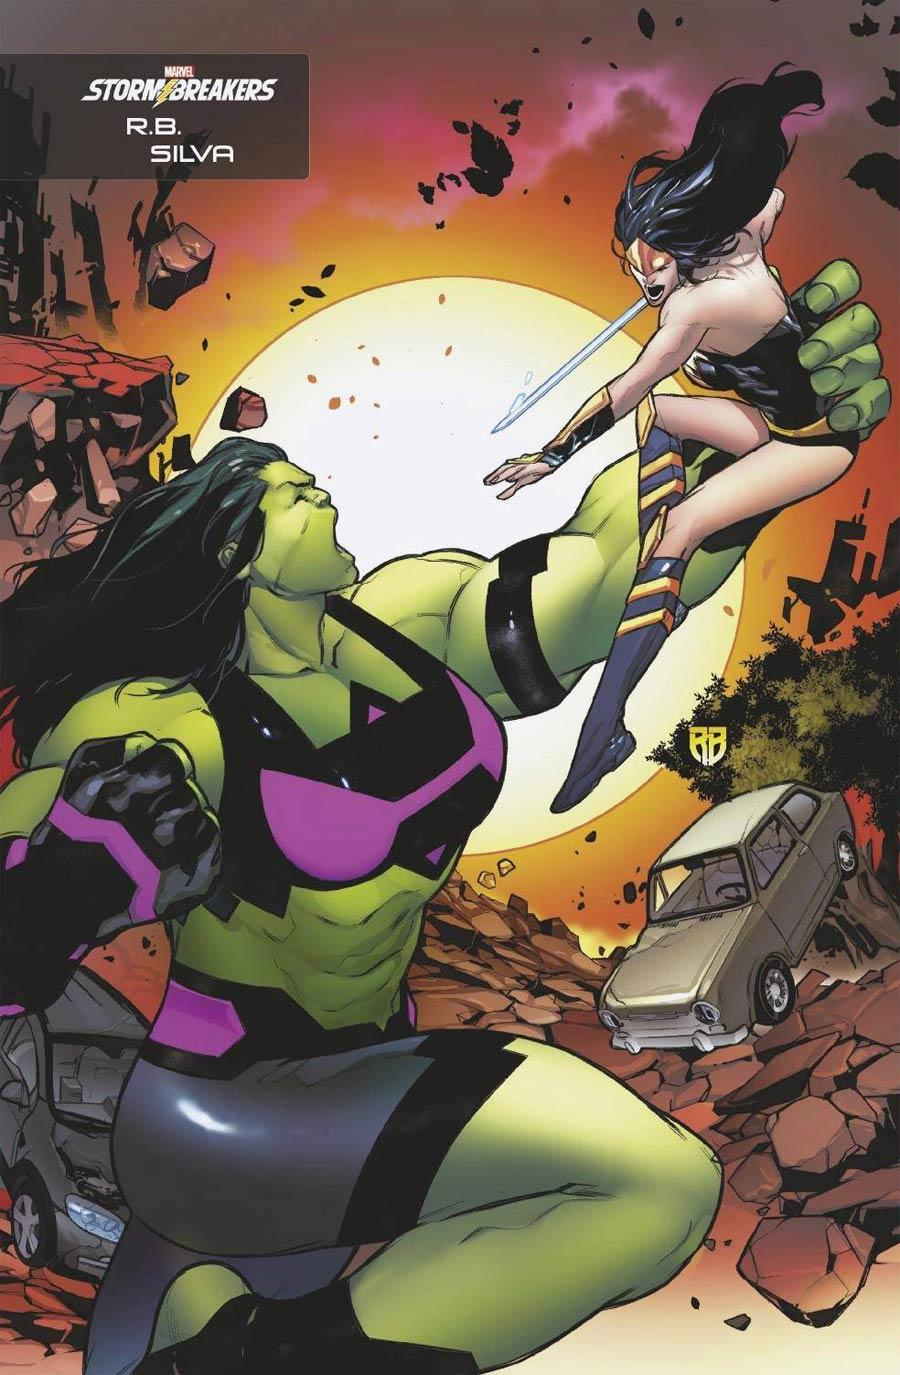 Heroes Reborn #6 Cover D Variant RB Silva Stormbreakers Cover